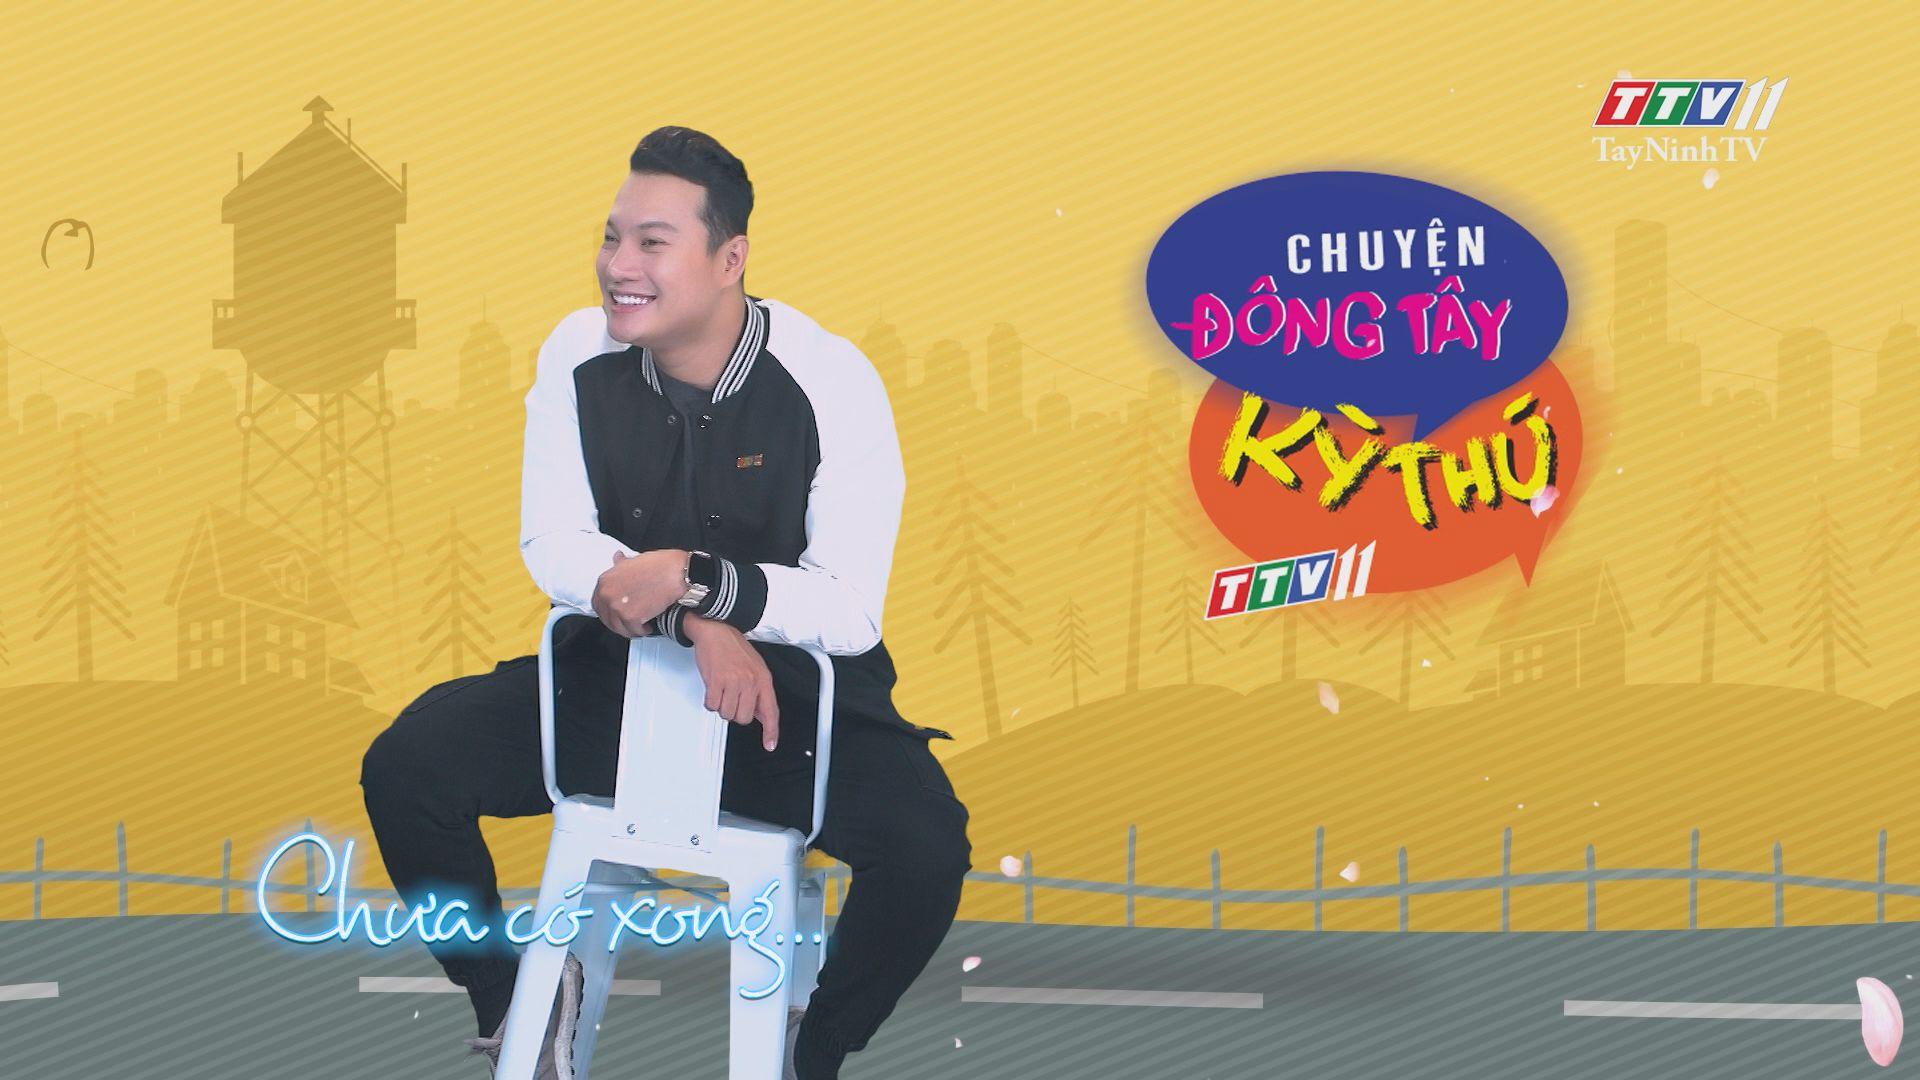 Chuyện Đông Tây Kỳ Thú 19-5-2020 | TayNinhTV